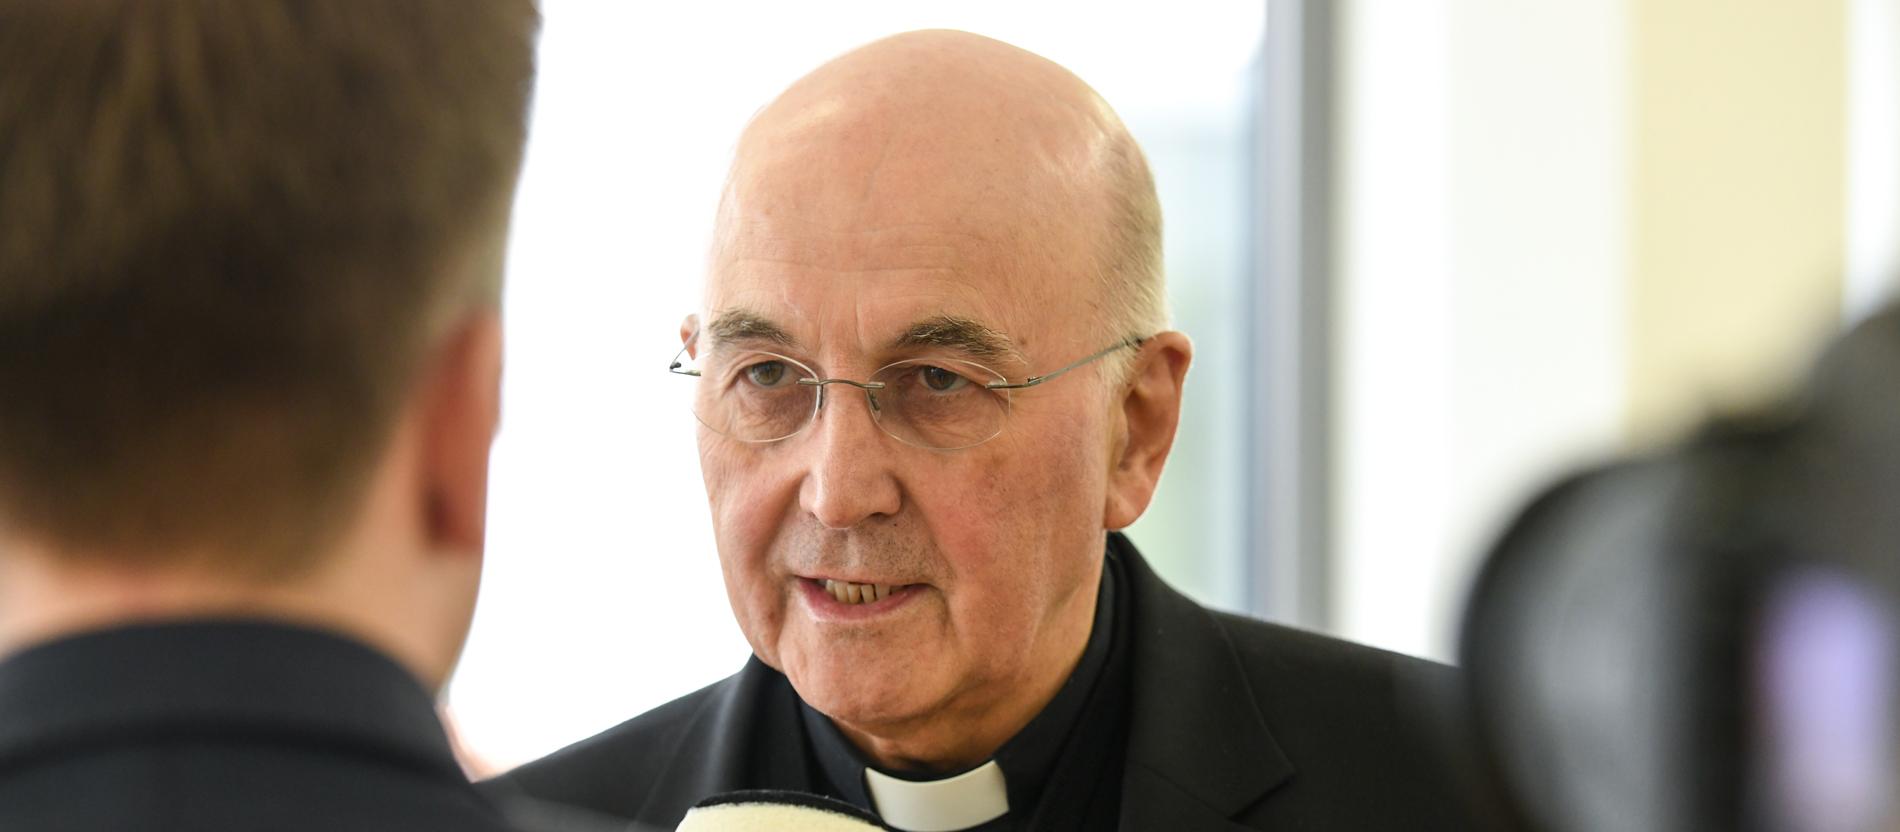 Trotz Vatikan-Instruktion: Genn hält an neuen Leitungsformen fest - katholisch.de